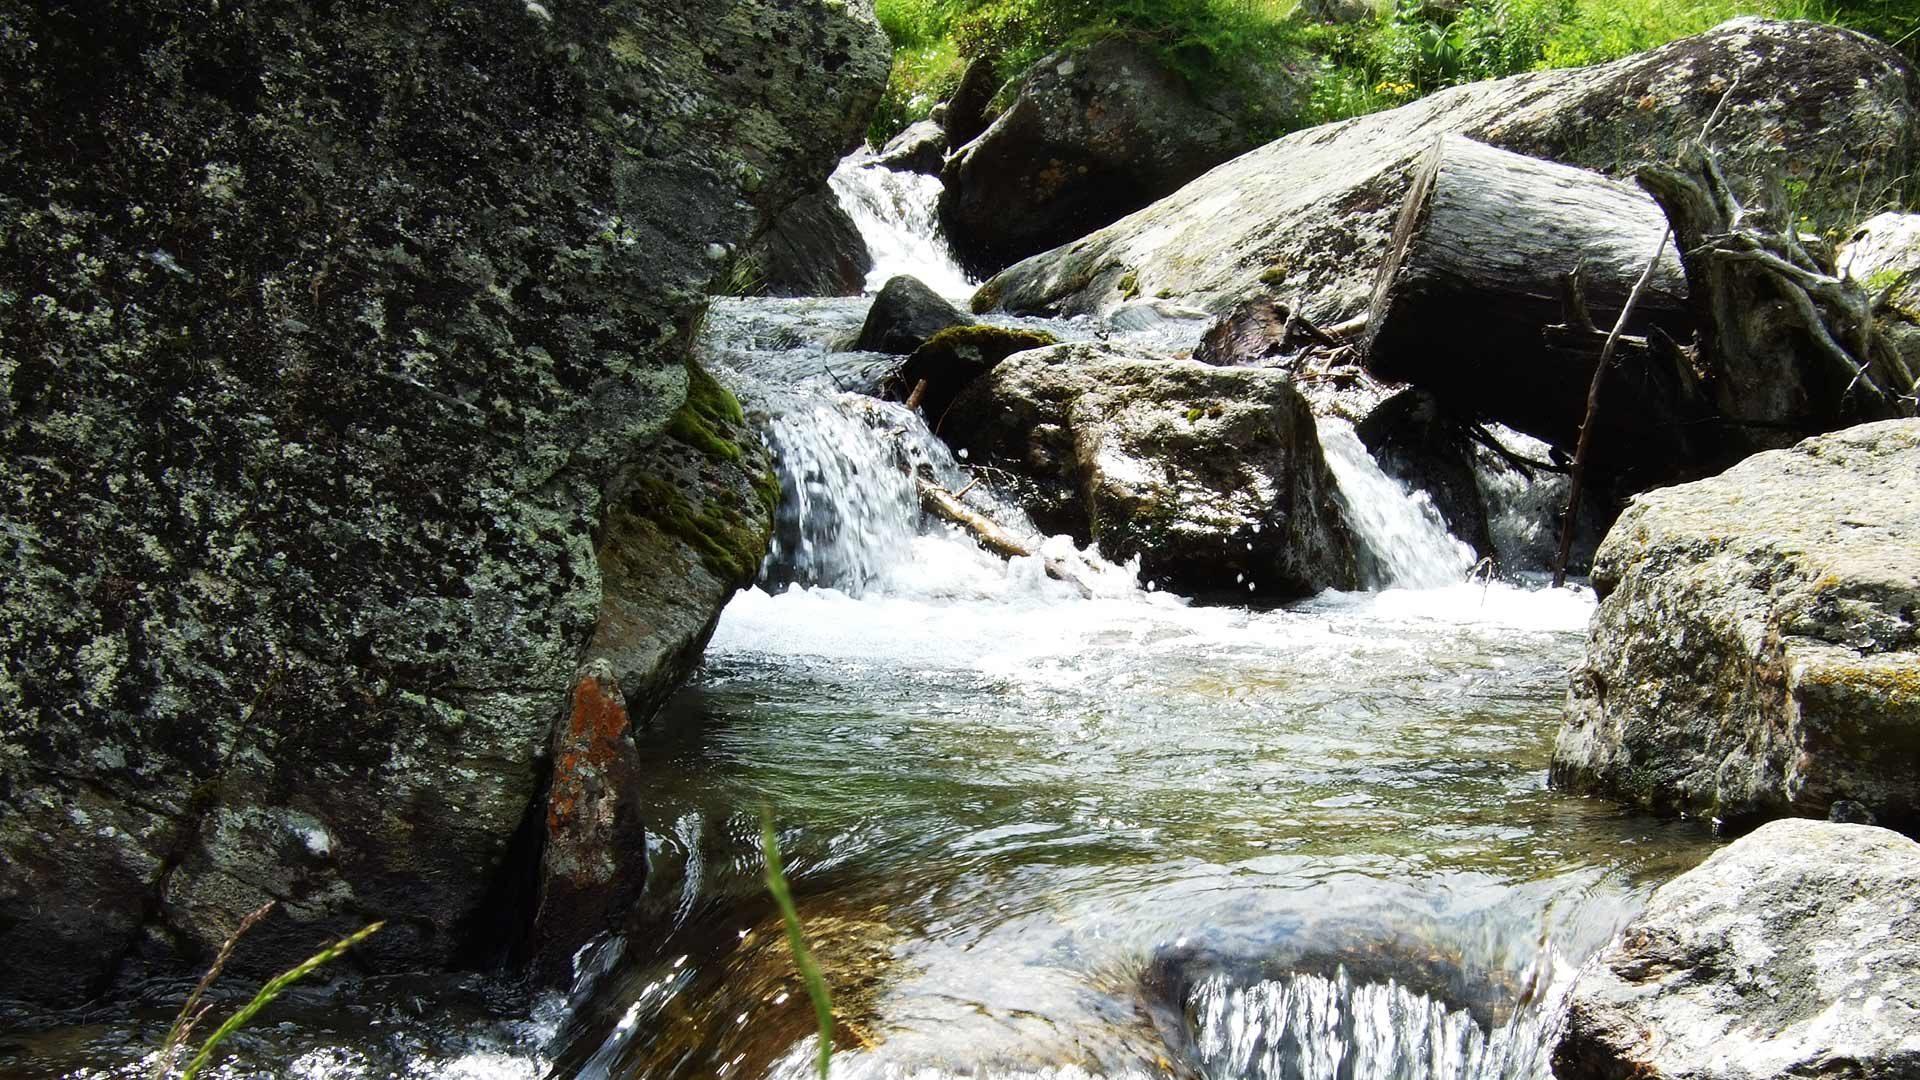 Wanderung zu den Drei Seen im Kirchbachtal